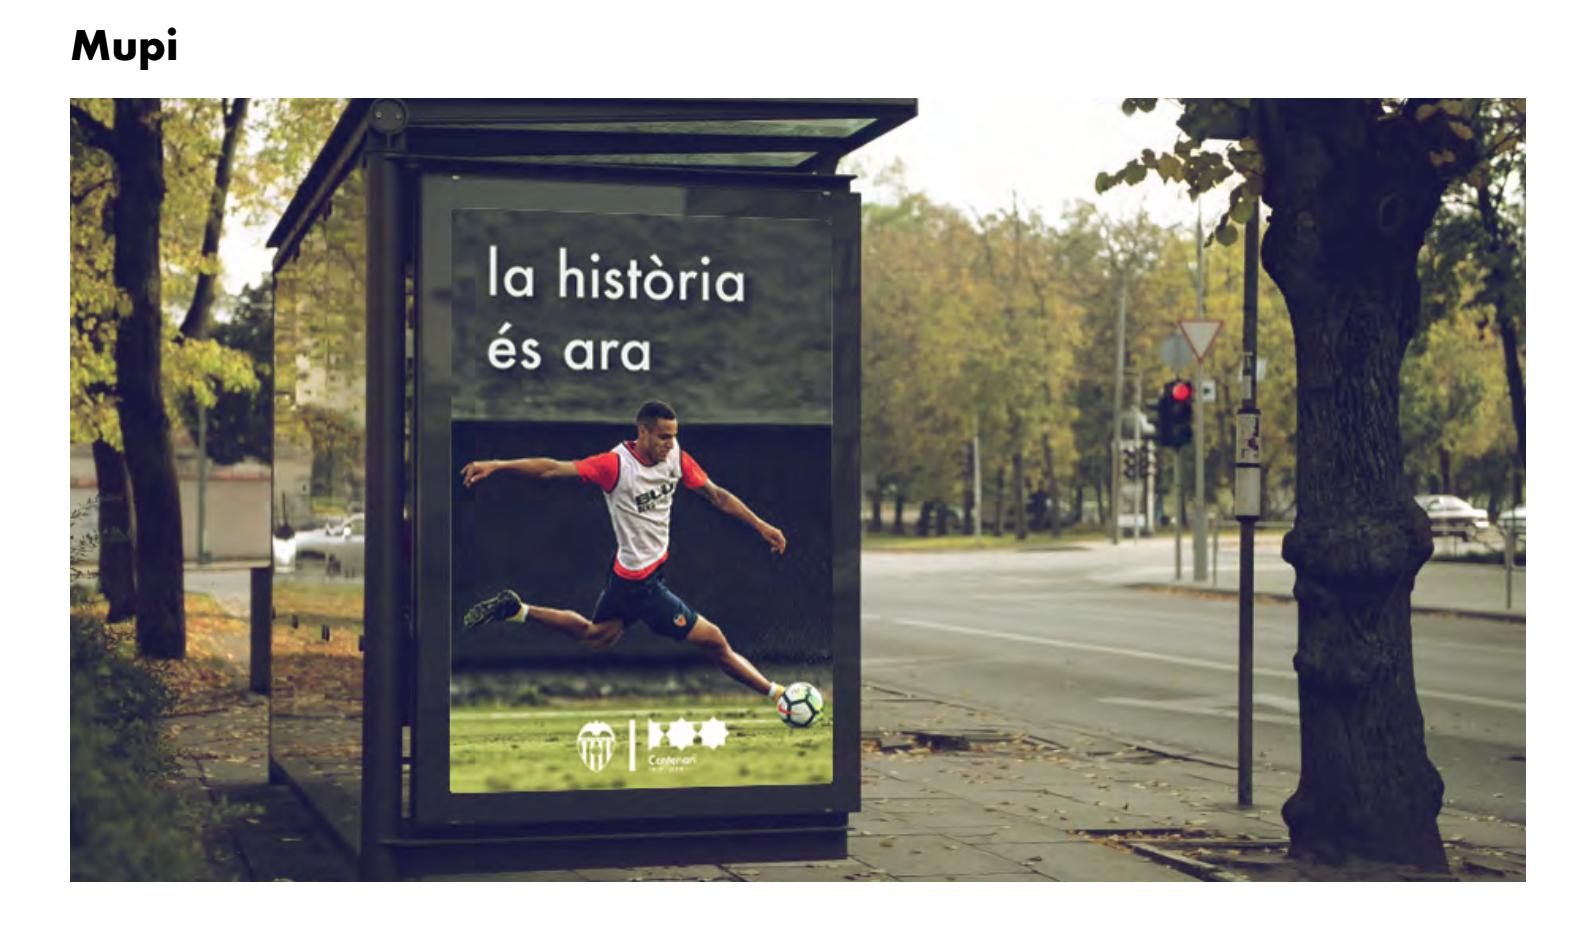 Propuesta mupi, centenario València club de futbol, Centenari VCF